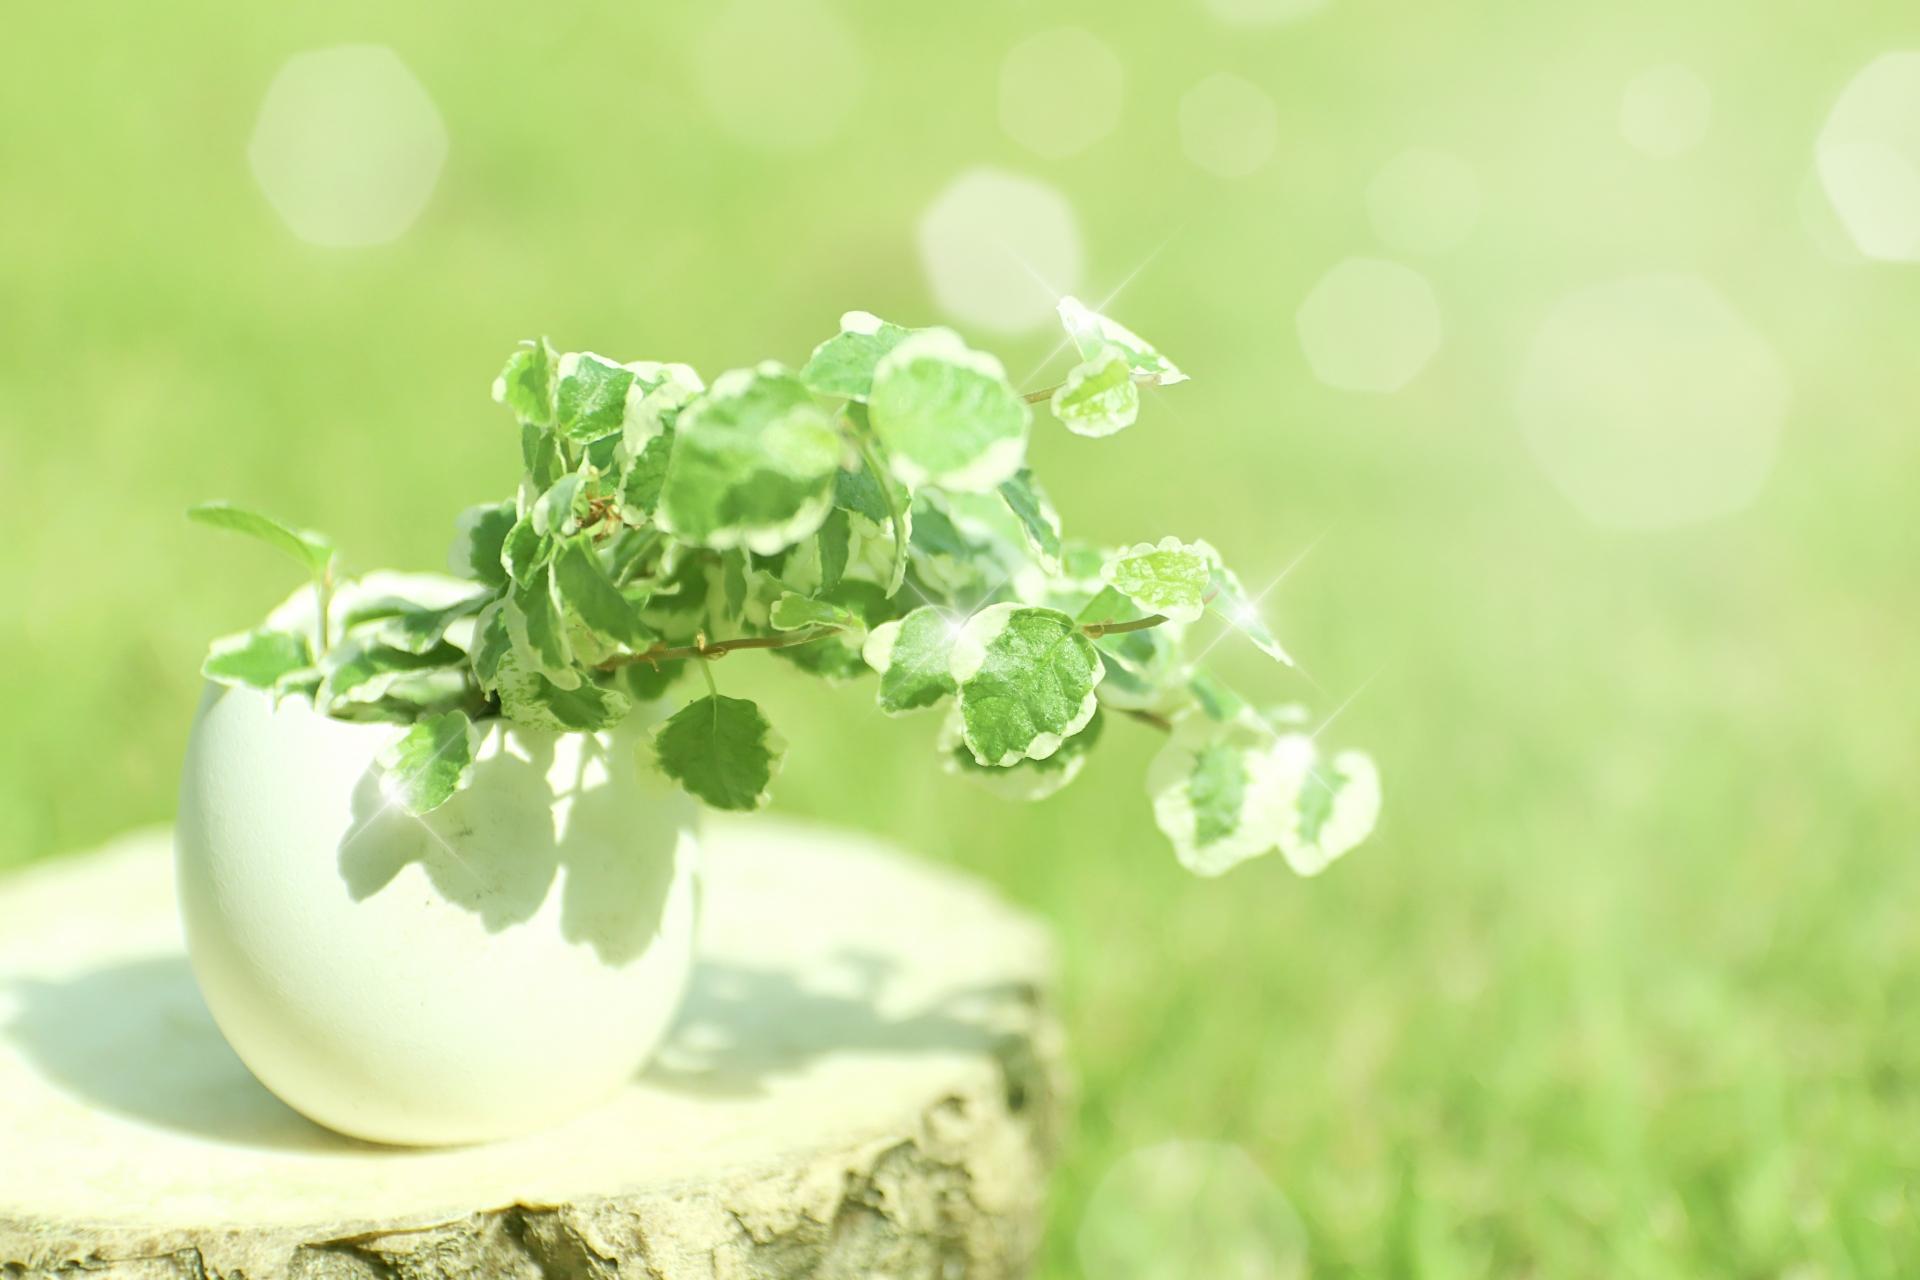 観葉植物のおすすめ5選【おしゃれインテリア用に】